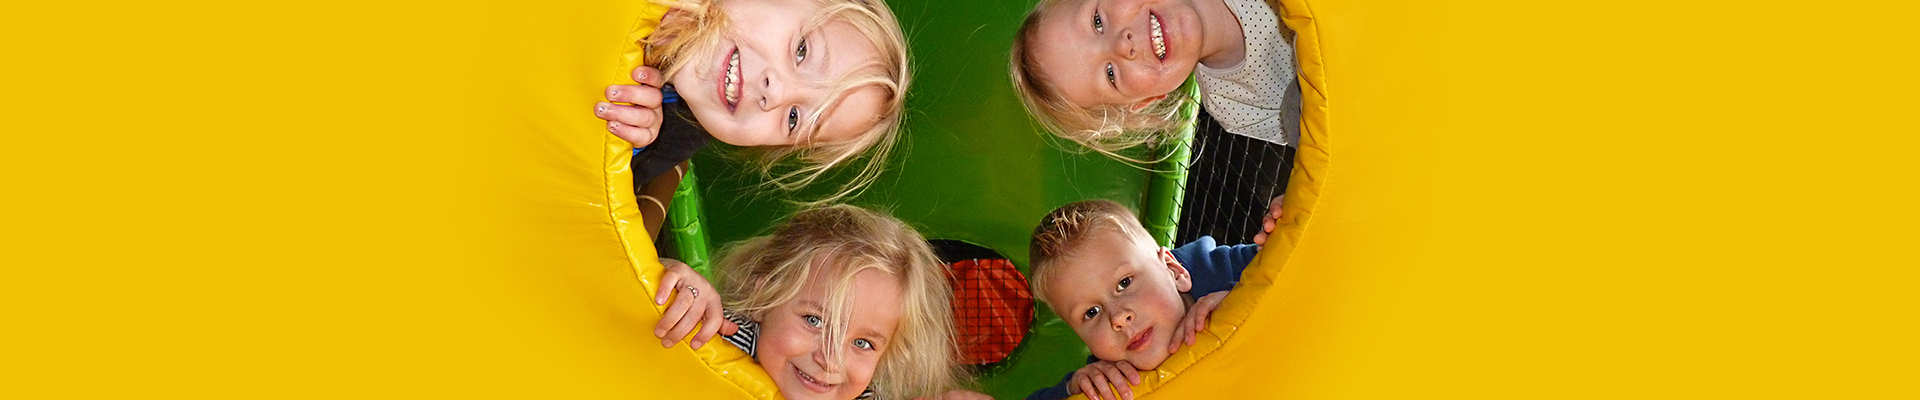 IKC de Plattenburg - Openbaar onderwijs Doetinchem